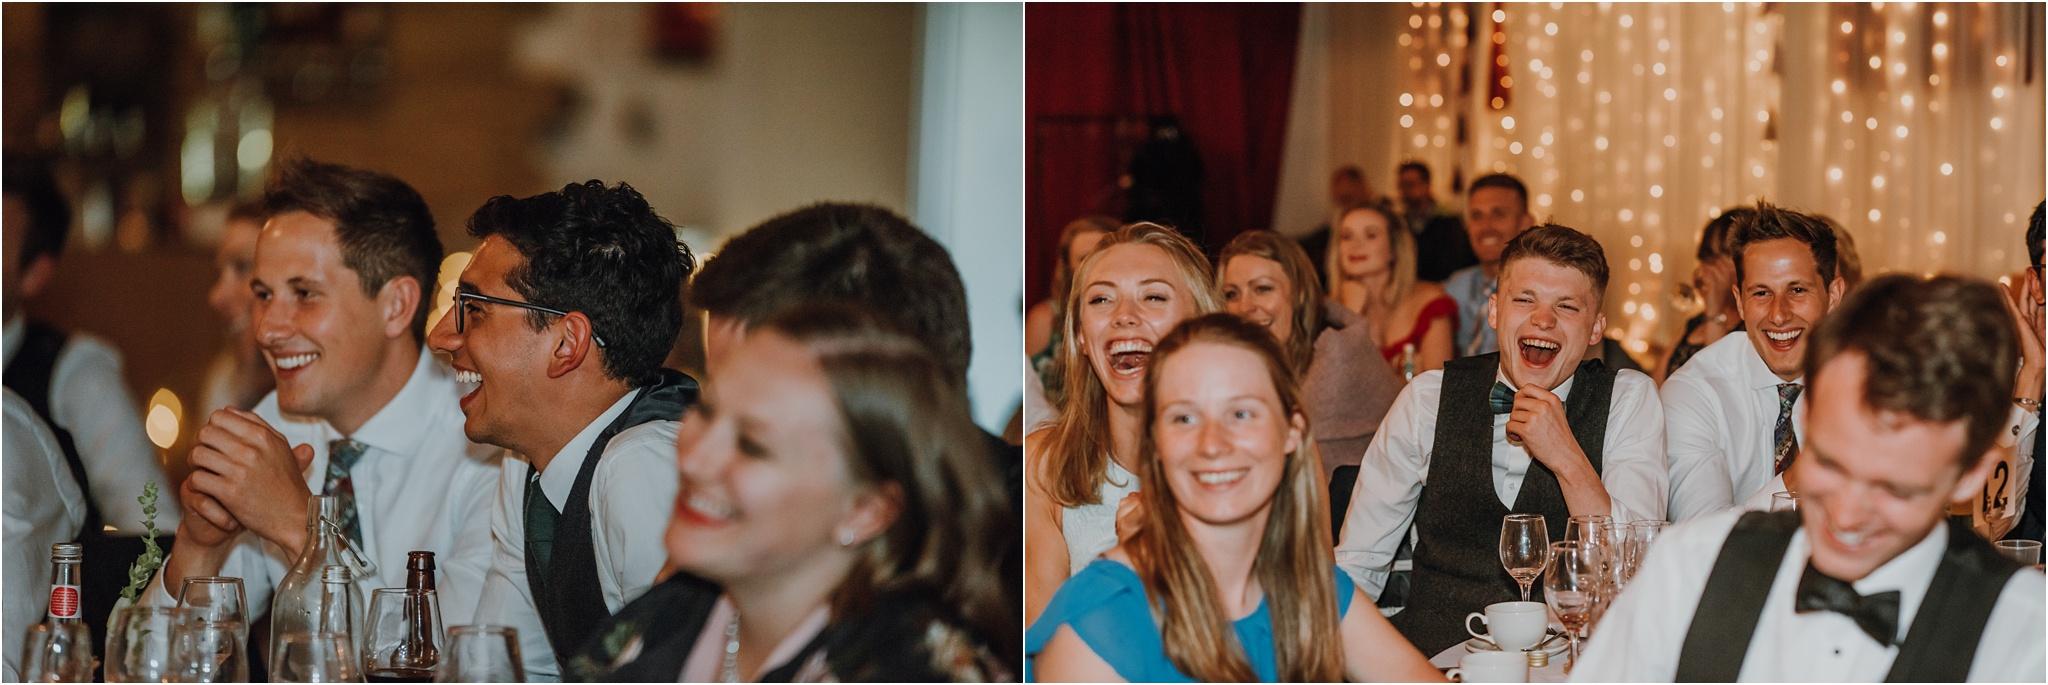 Edinburgh-barn-wedding-photographer_107.jpg